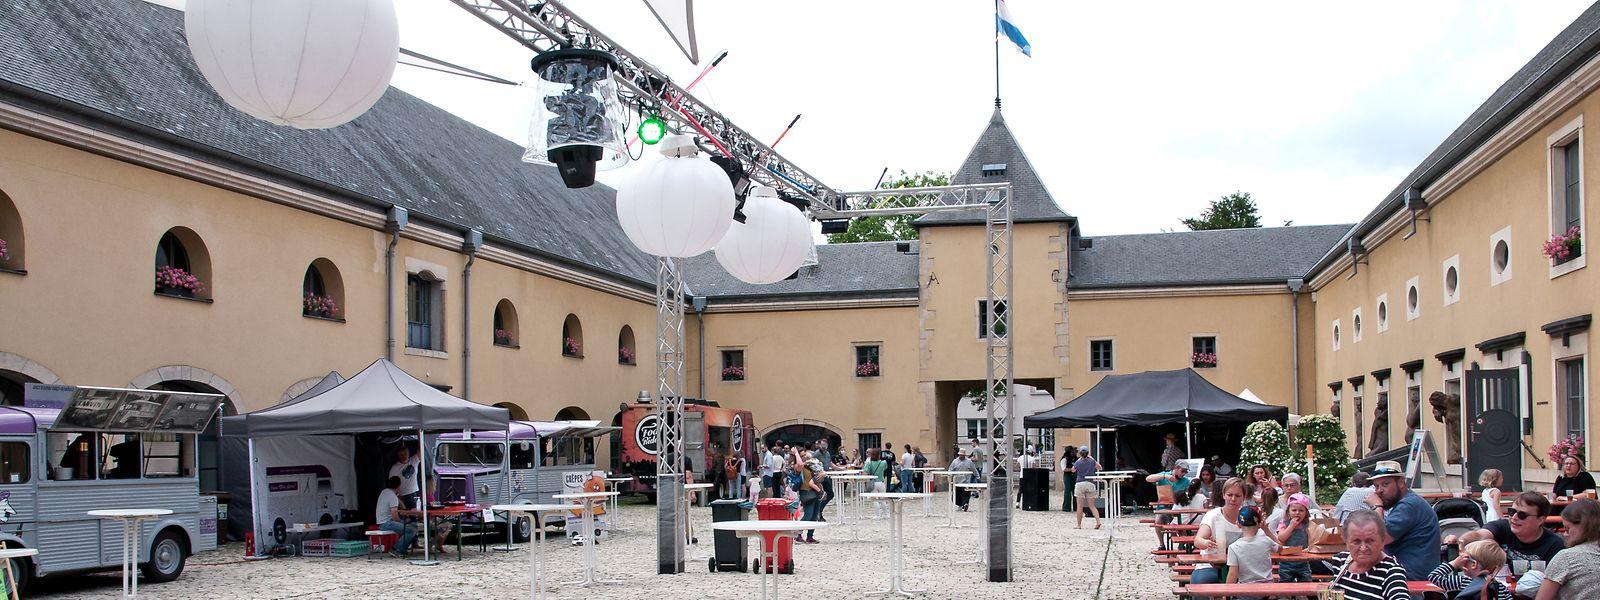 Im Innenhof des Bettemburger Schlosses konnte man seinen Hunger bei verschiedenen Foodtrucks stillen.